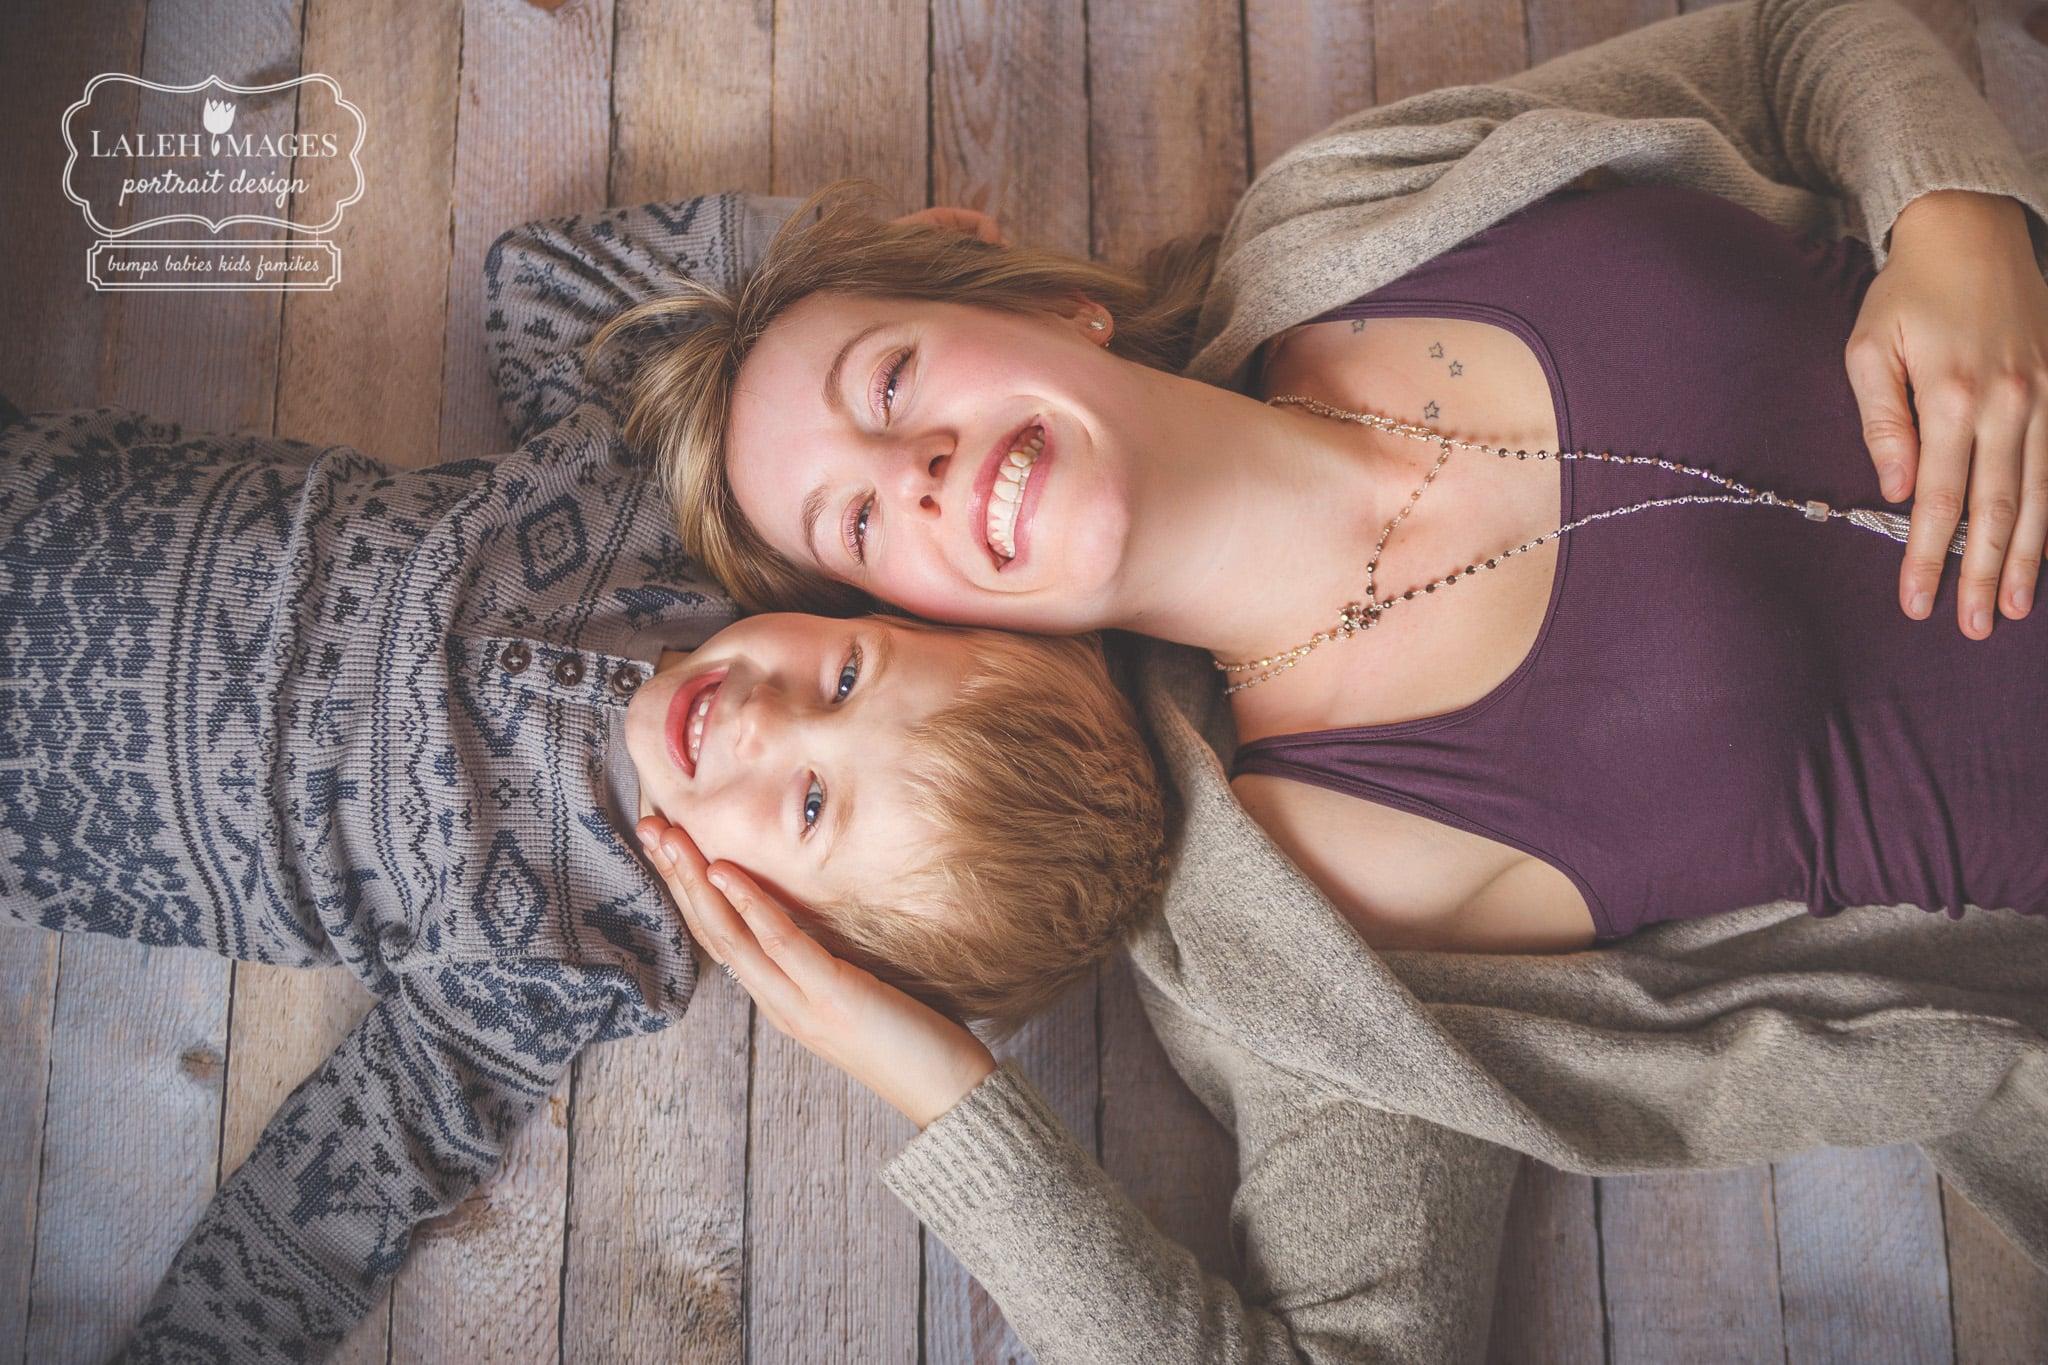 © Laleh Images Portrait Design www.lalehimages.com